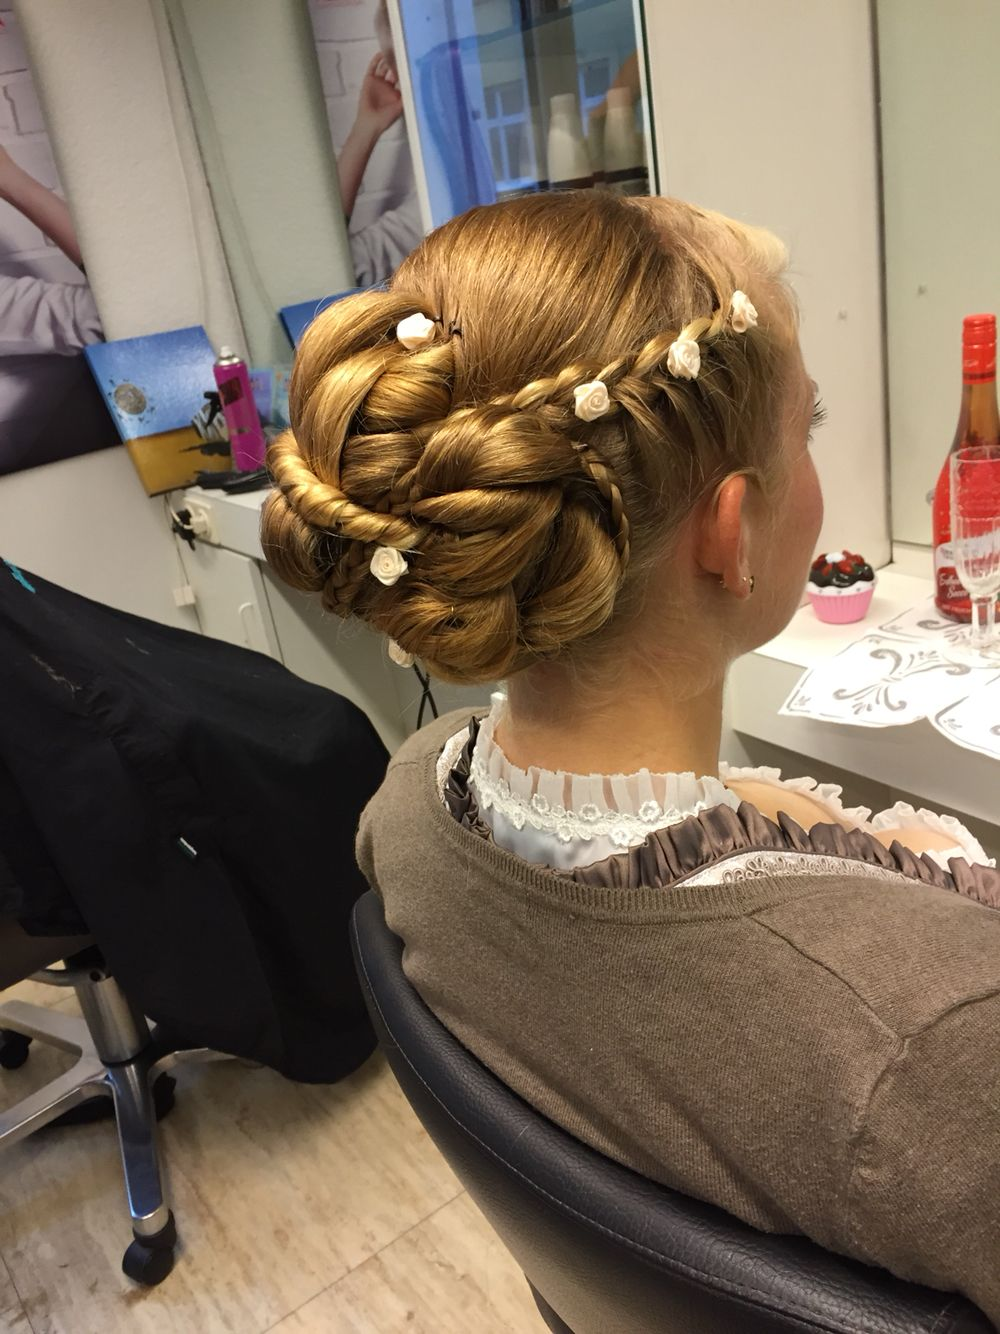 Hoczeitsfrisur Fur Eine Dirndl Hochzeit Und Einer Jungen Dame Mit Wahnsinnig Dickem Haar Dirndl Frisuren Hochzeit Frisur Hochgesteckt Hochsteckfrisur